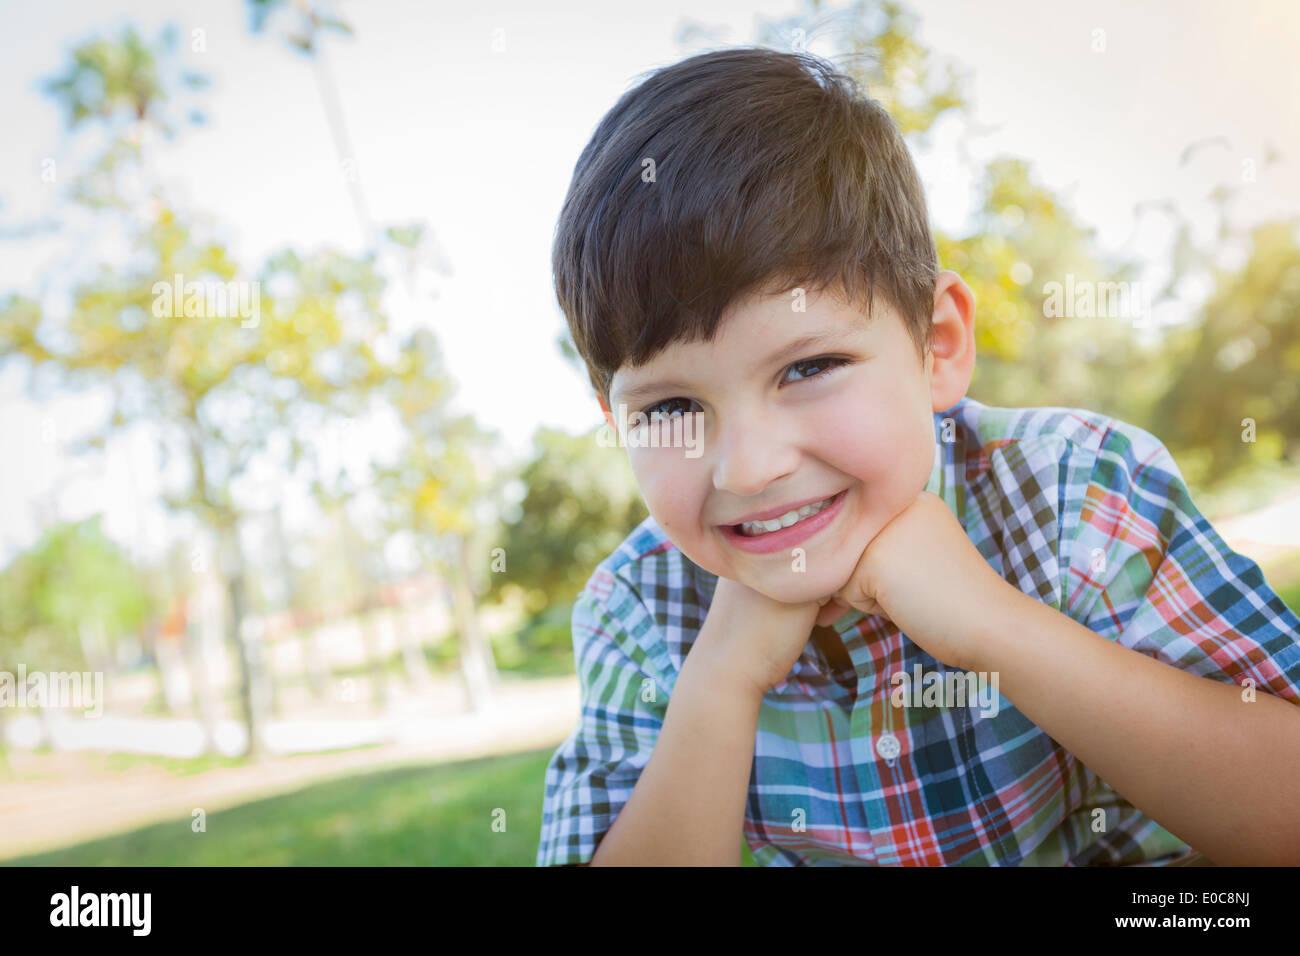 Carino giovane ragazzo ritratto all'aperto nel parco. Immagini Stock